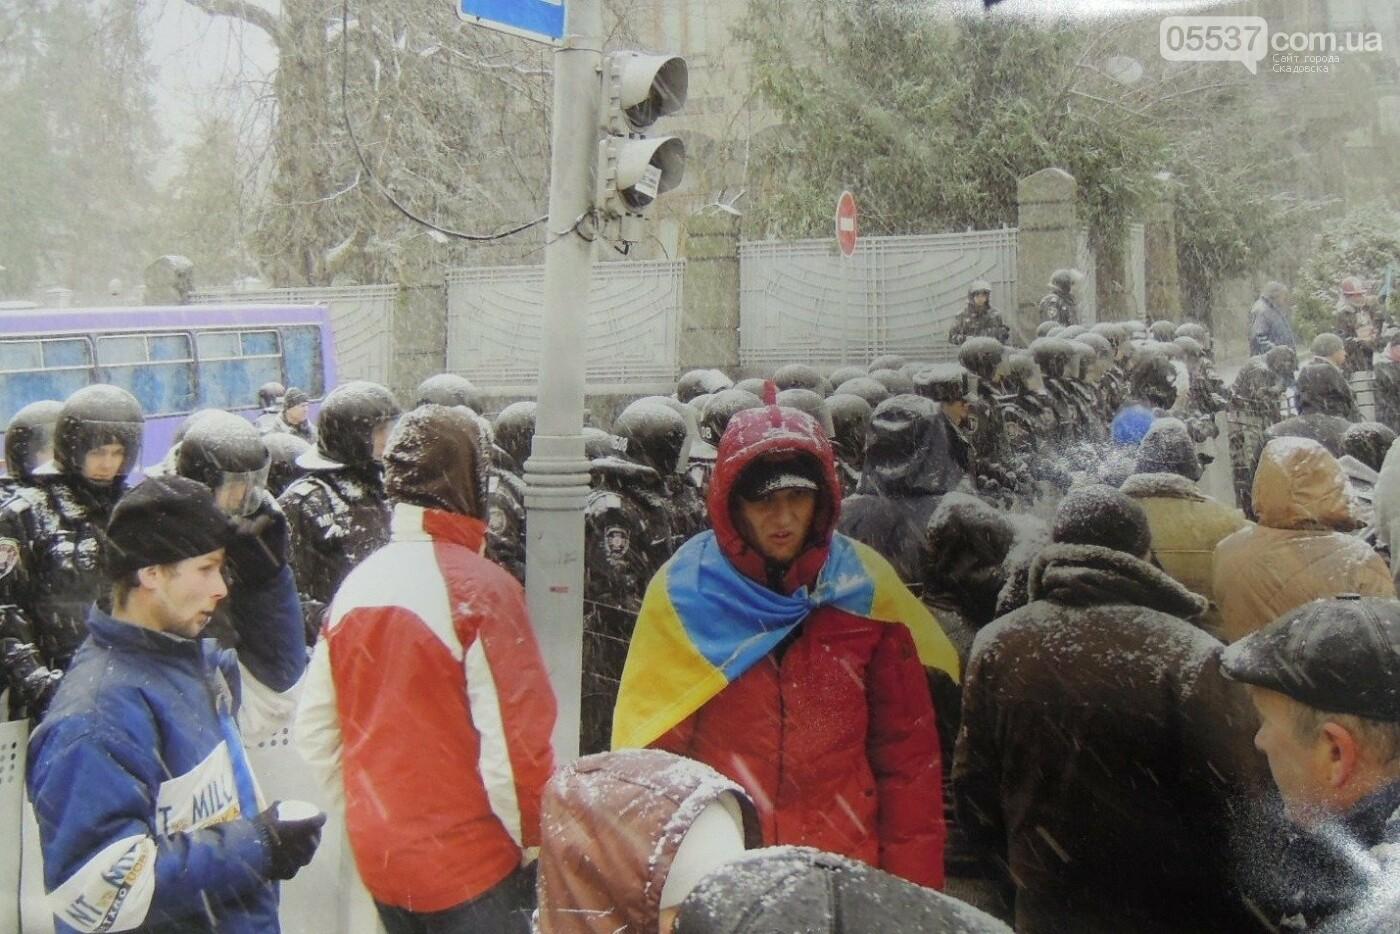 Как скадовчане участвовали в Революции Достоинства (ФОТО), фото-3